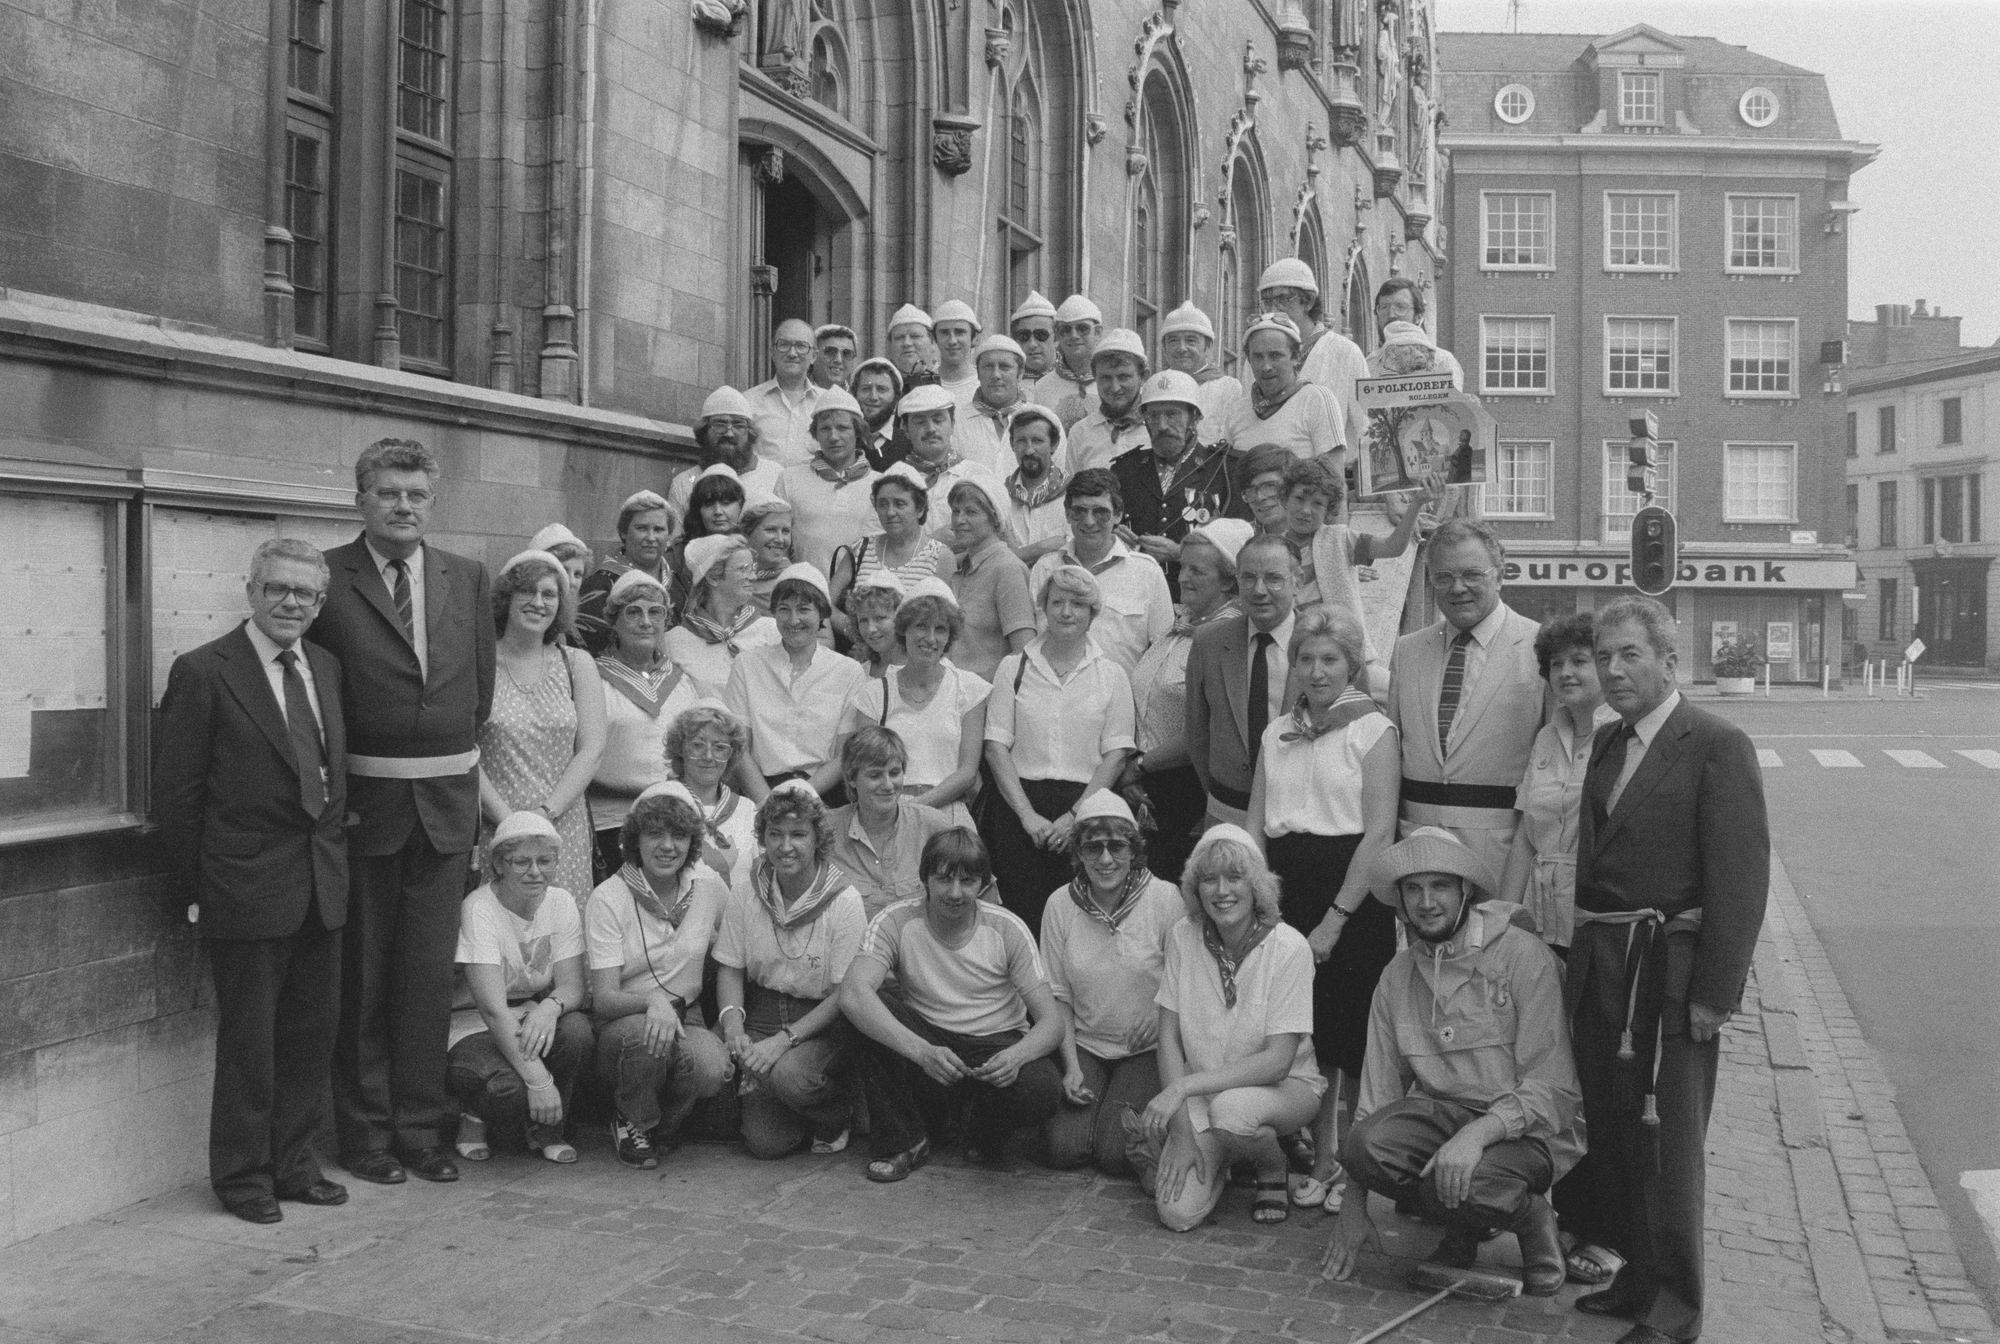 Deelnemers aan de folklorefeesten van Rollegem aan het stadhuis